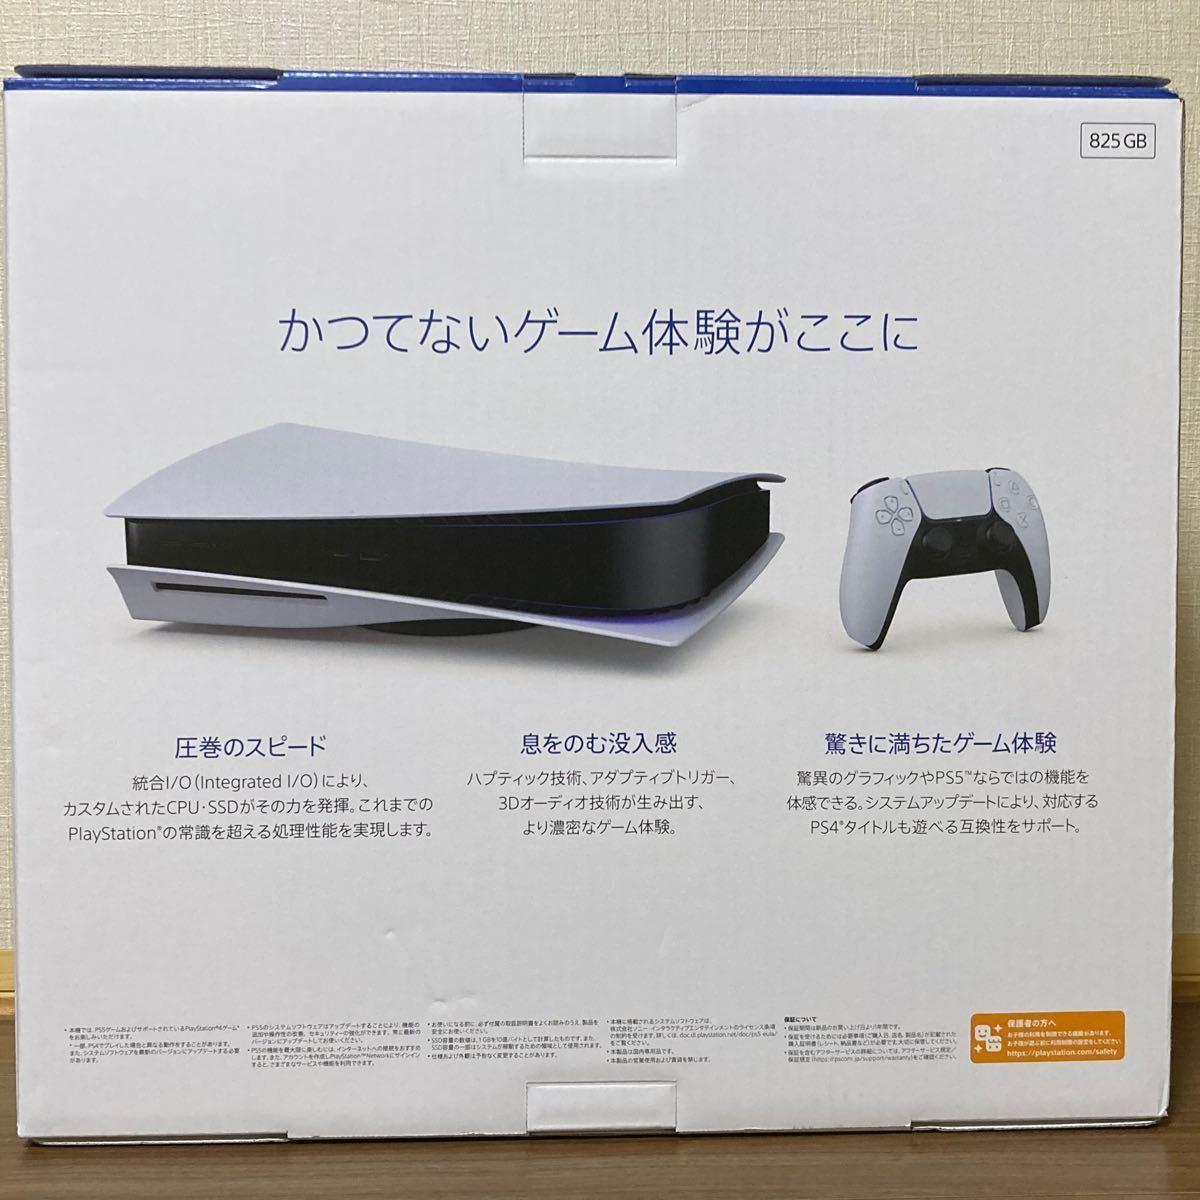 新品未開封PS5本体 プレイステーション 5CFI-1100A01 ディスクドライブ搭載 SONY    2021年9月29日購入